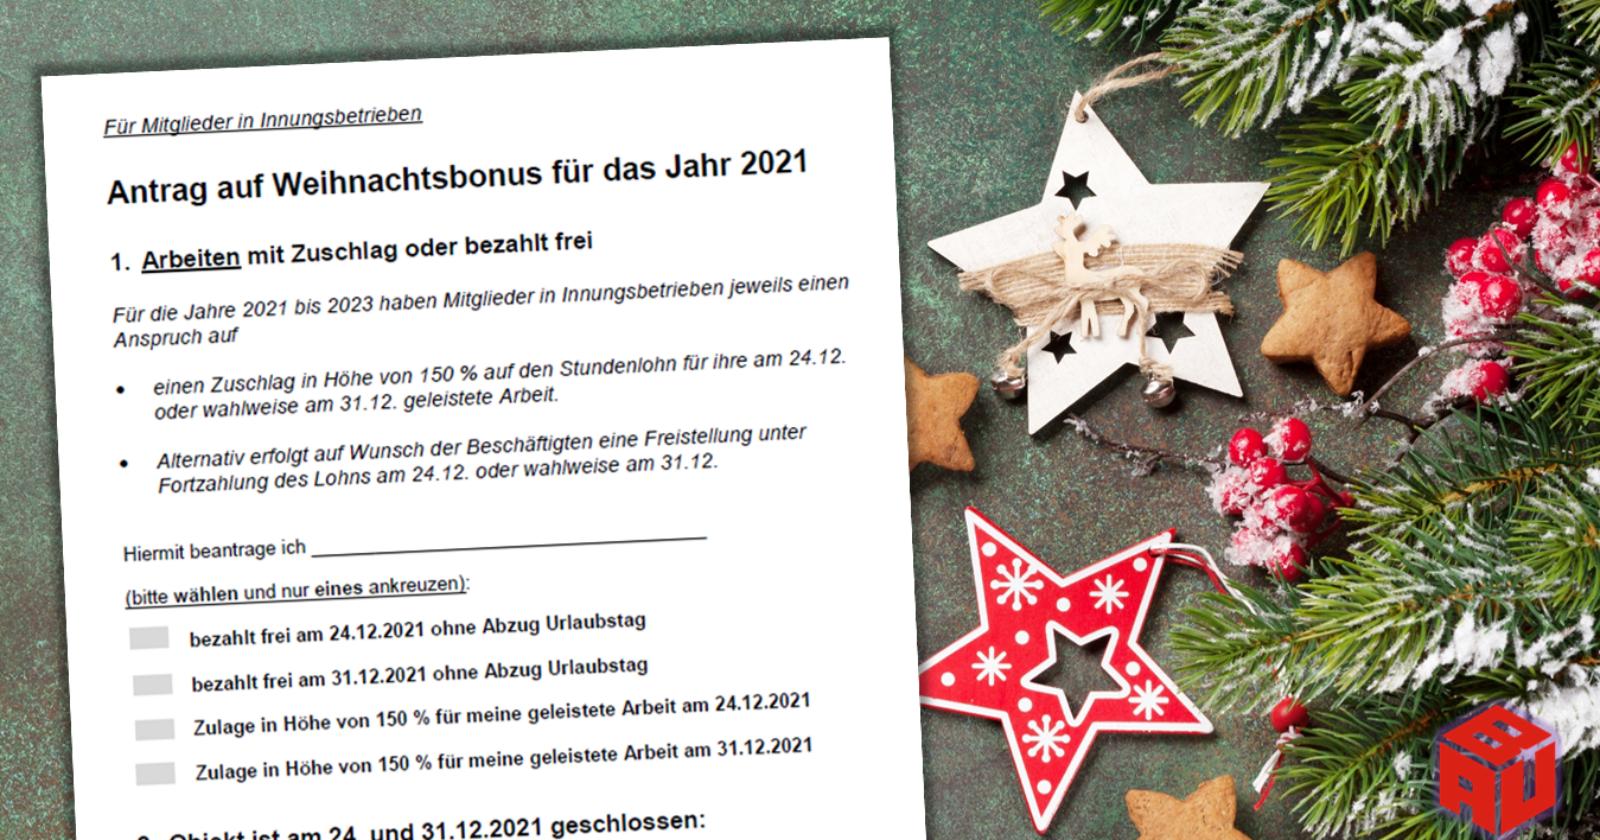 Antragsformular für den Weihnachtsbonus 2021